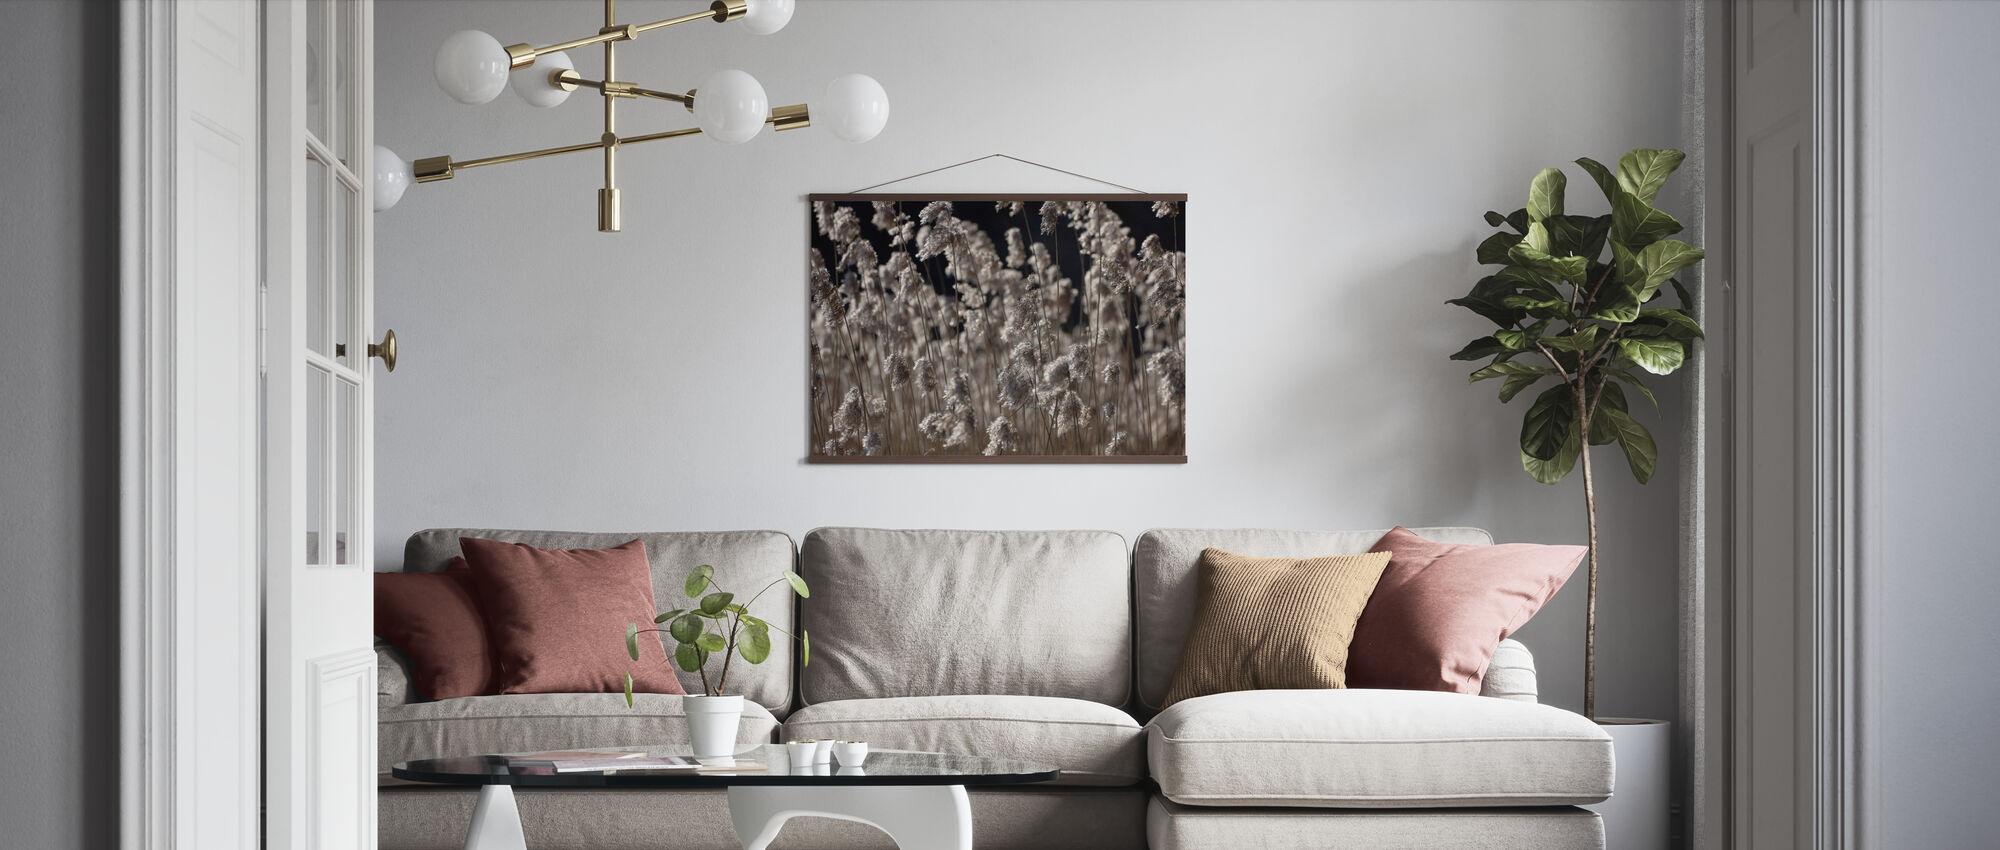 Fluffy Sølv Gress - Plakat - Stue